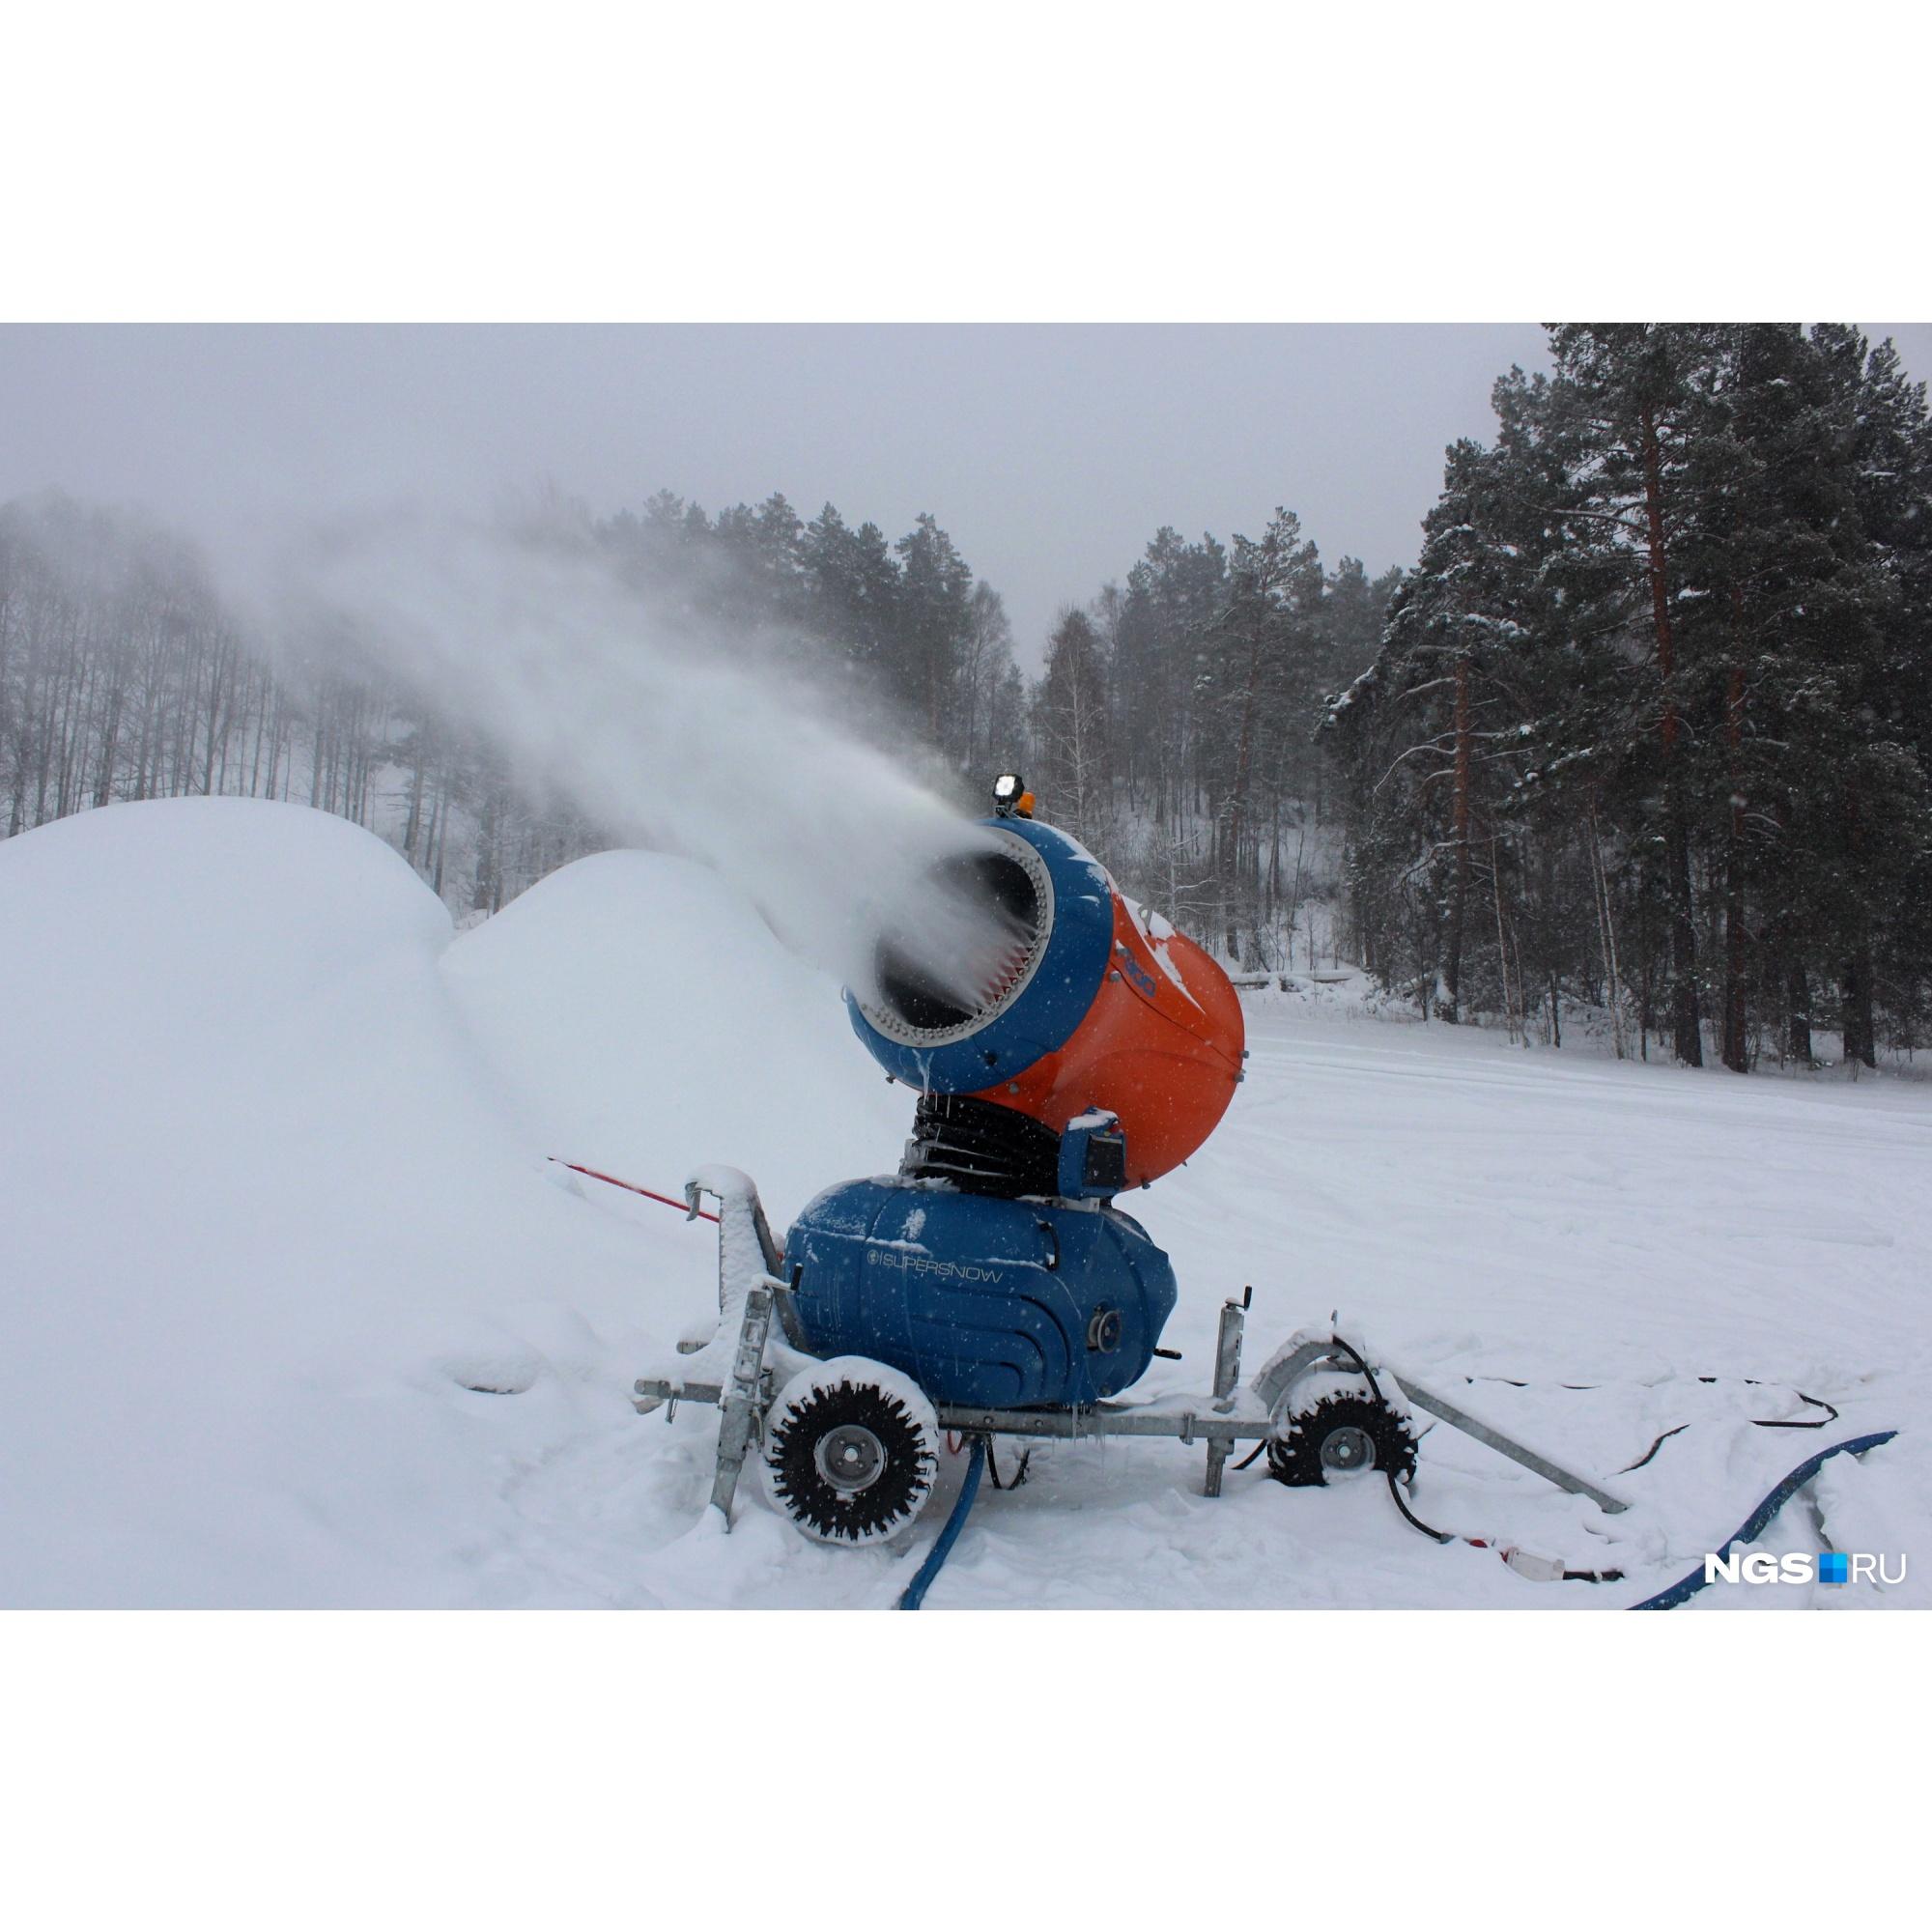 Снежные пушки могут работать круглые сутки